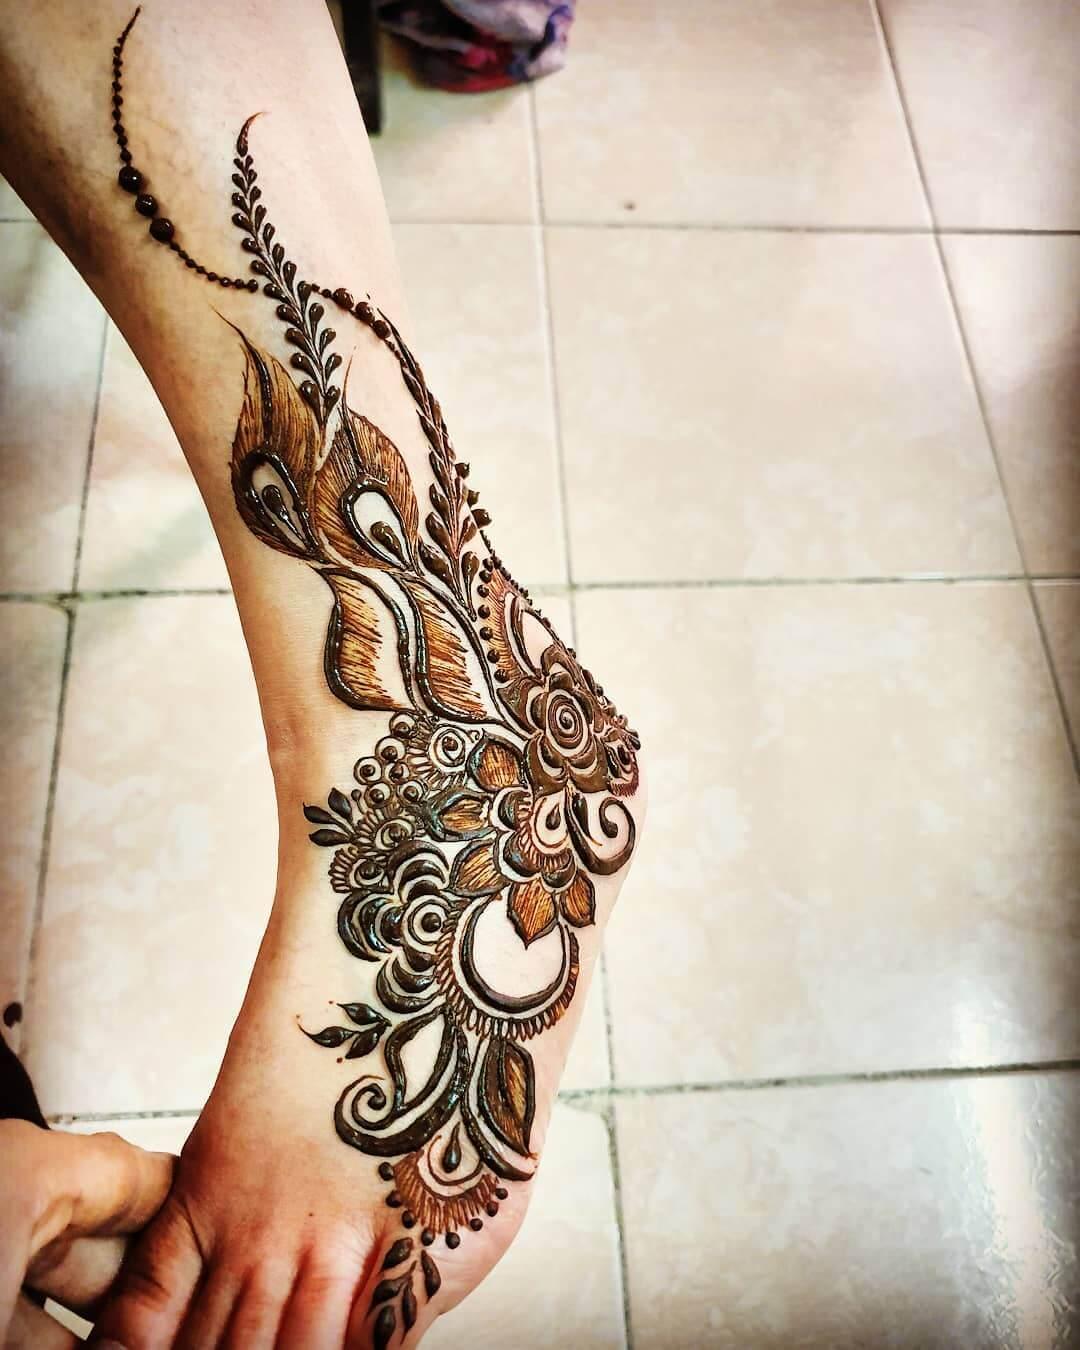 Peacock Leaves Mehendi designs for Feet